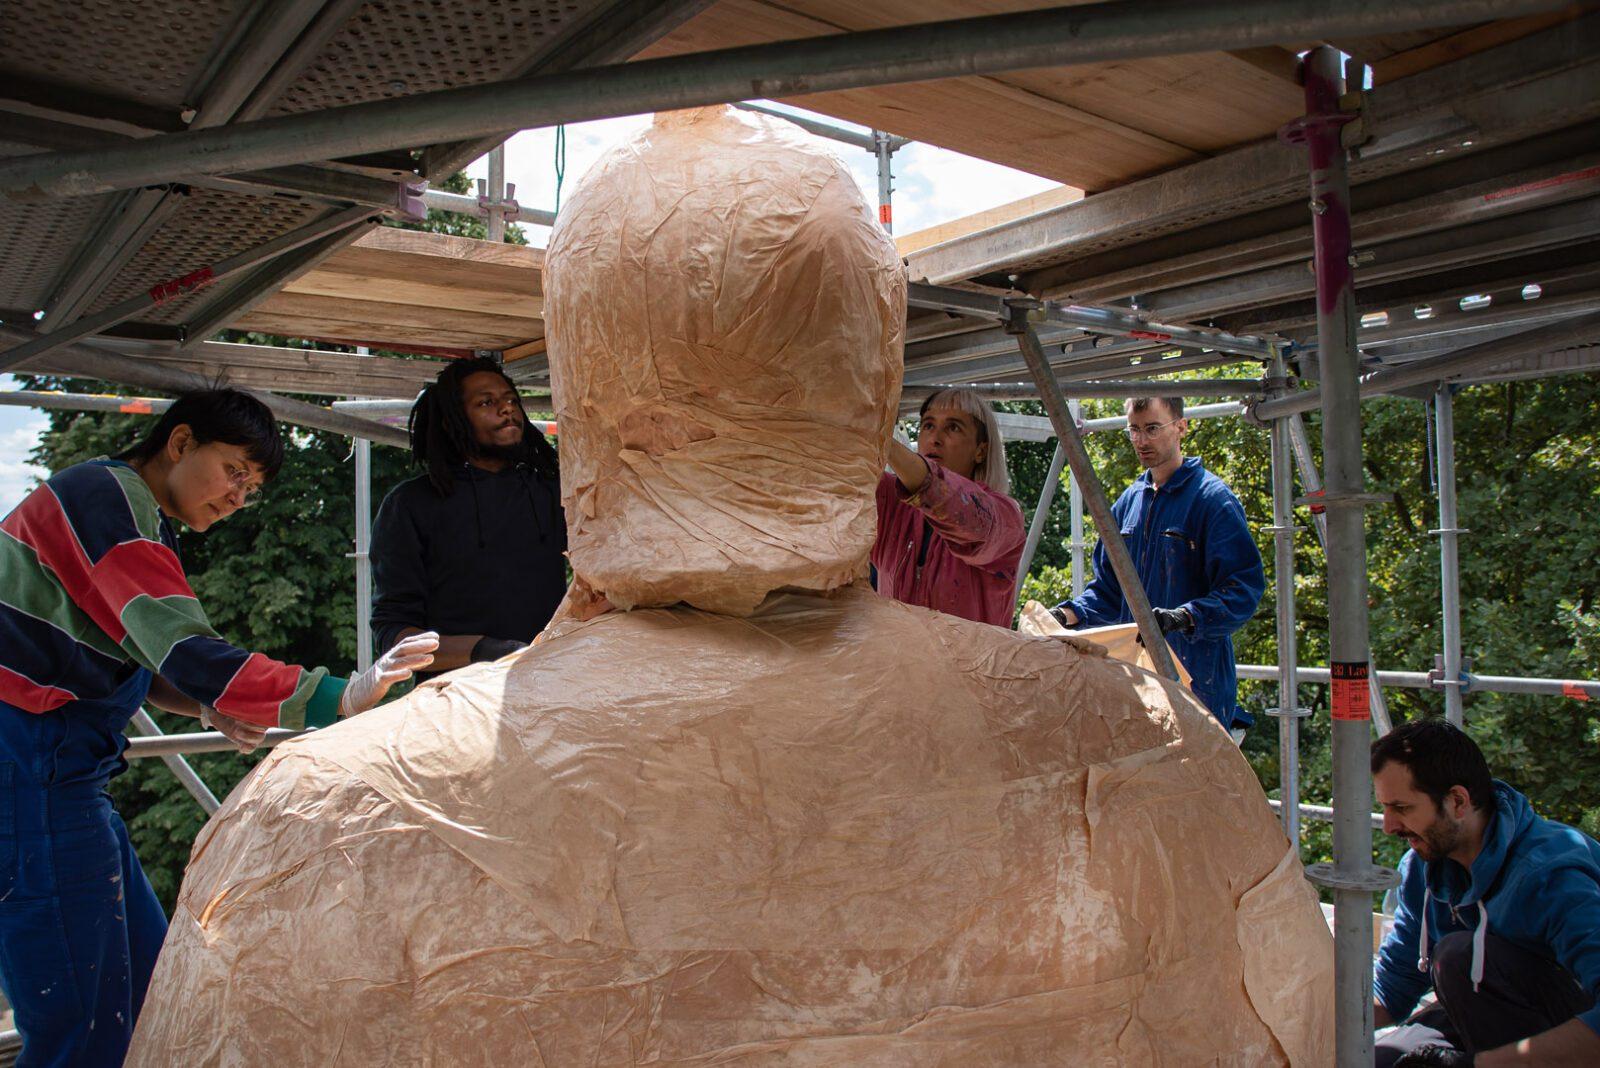 Kopf und Schultern der mit Papier verpackten Bismarck-Statue von hinten. Um die Figur herum 5 Menschen im Baugerüst bei der Arbeit.